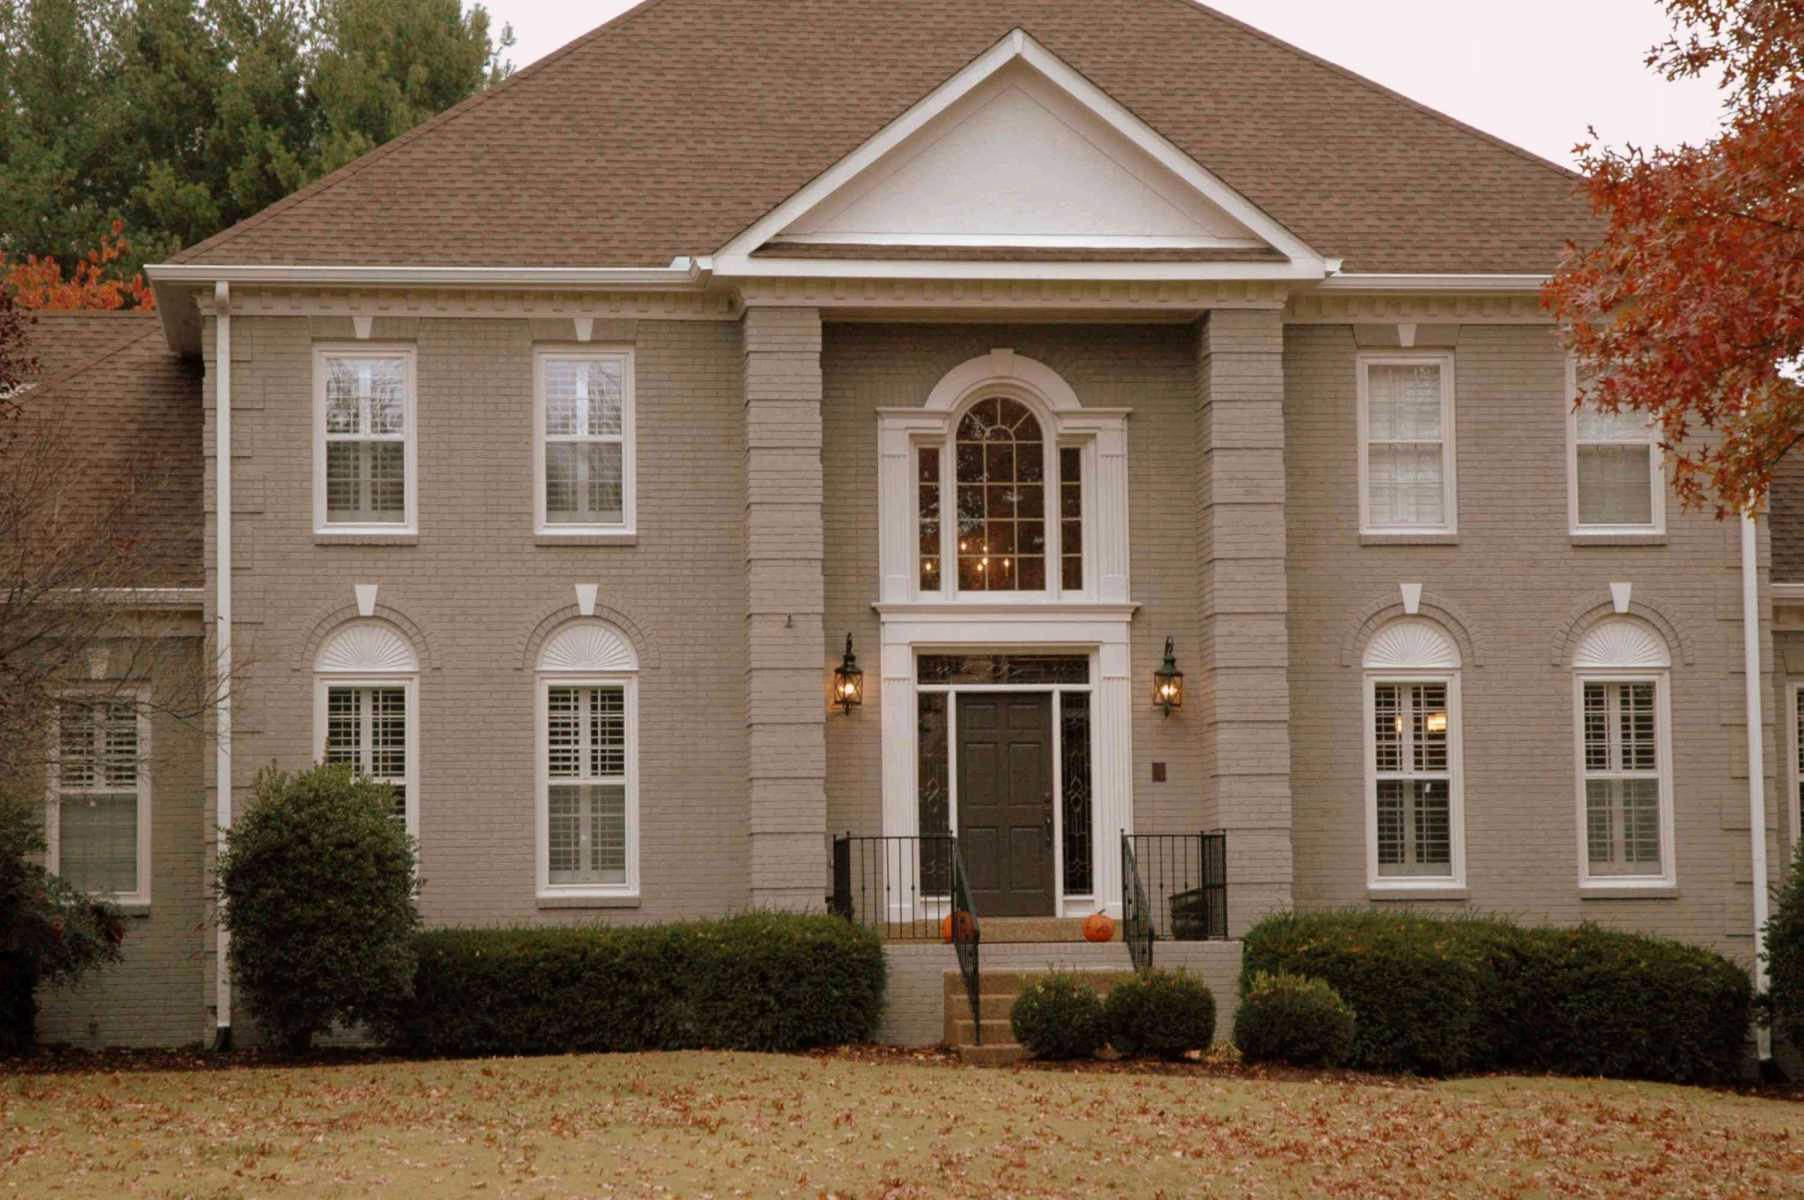 ألوان صبغ البيوت من الخارج باللون الكريمي